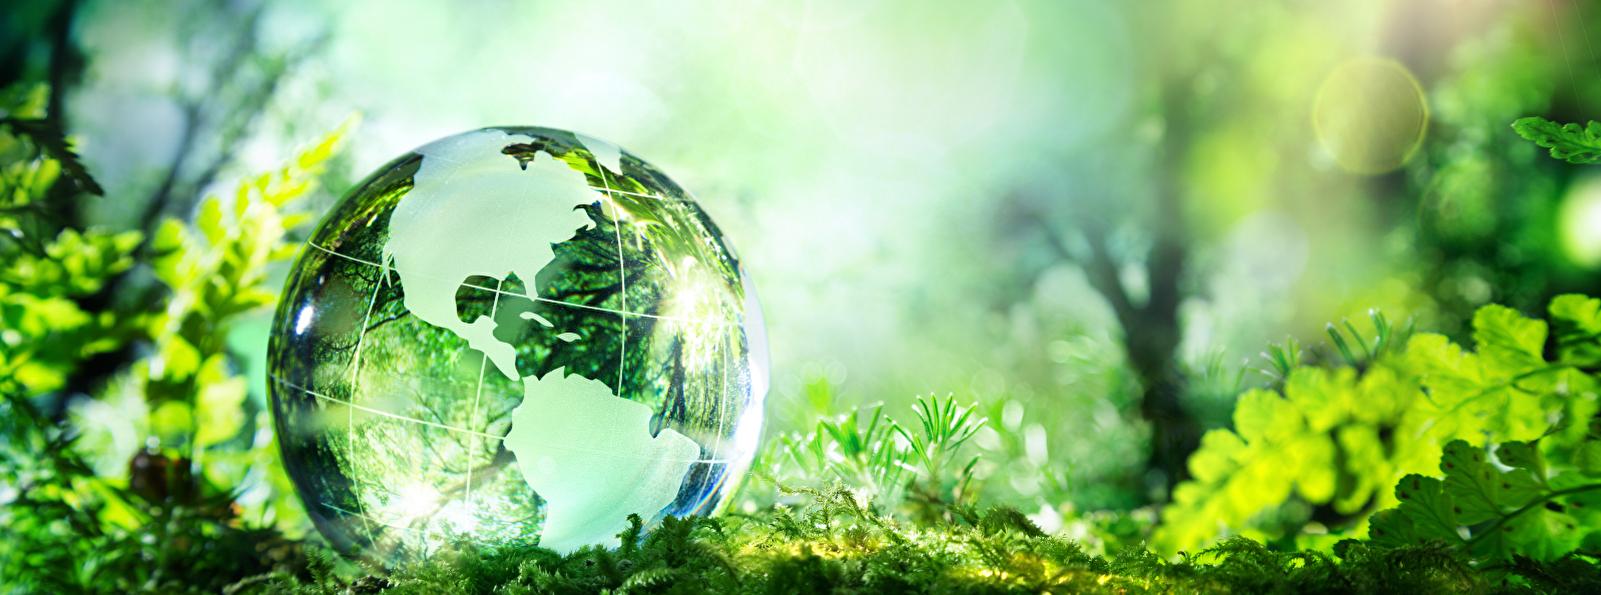 Bild zum Thema Umwelt Nachhaltigkeit